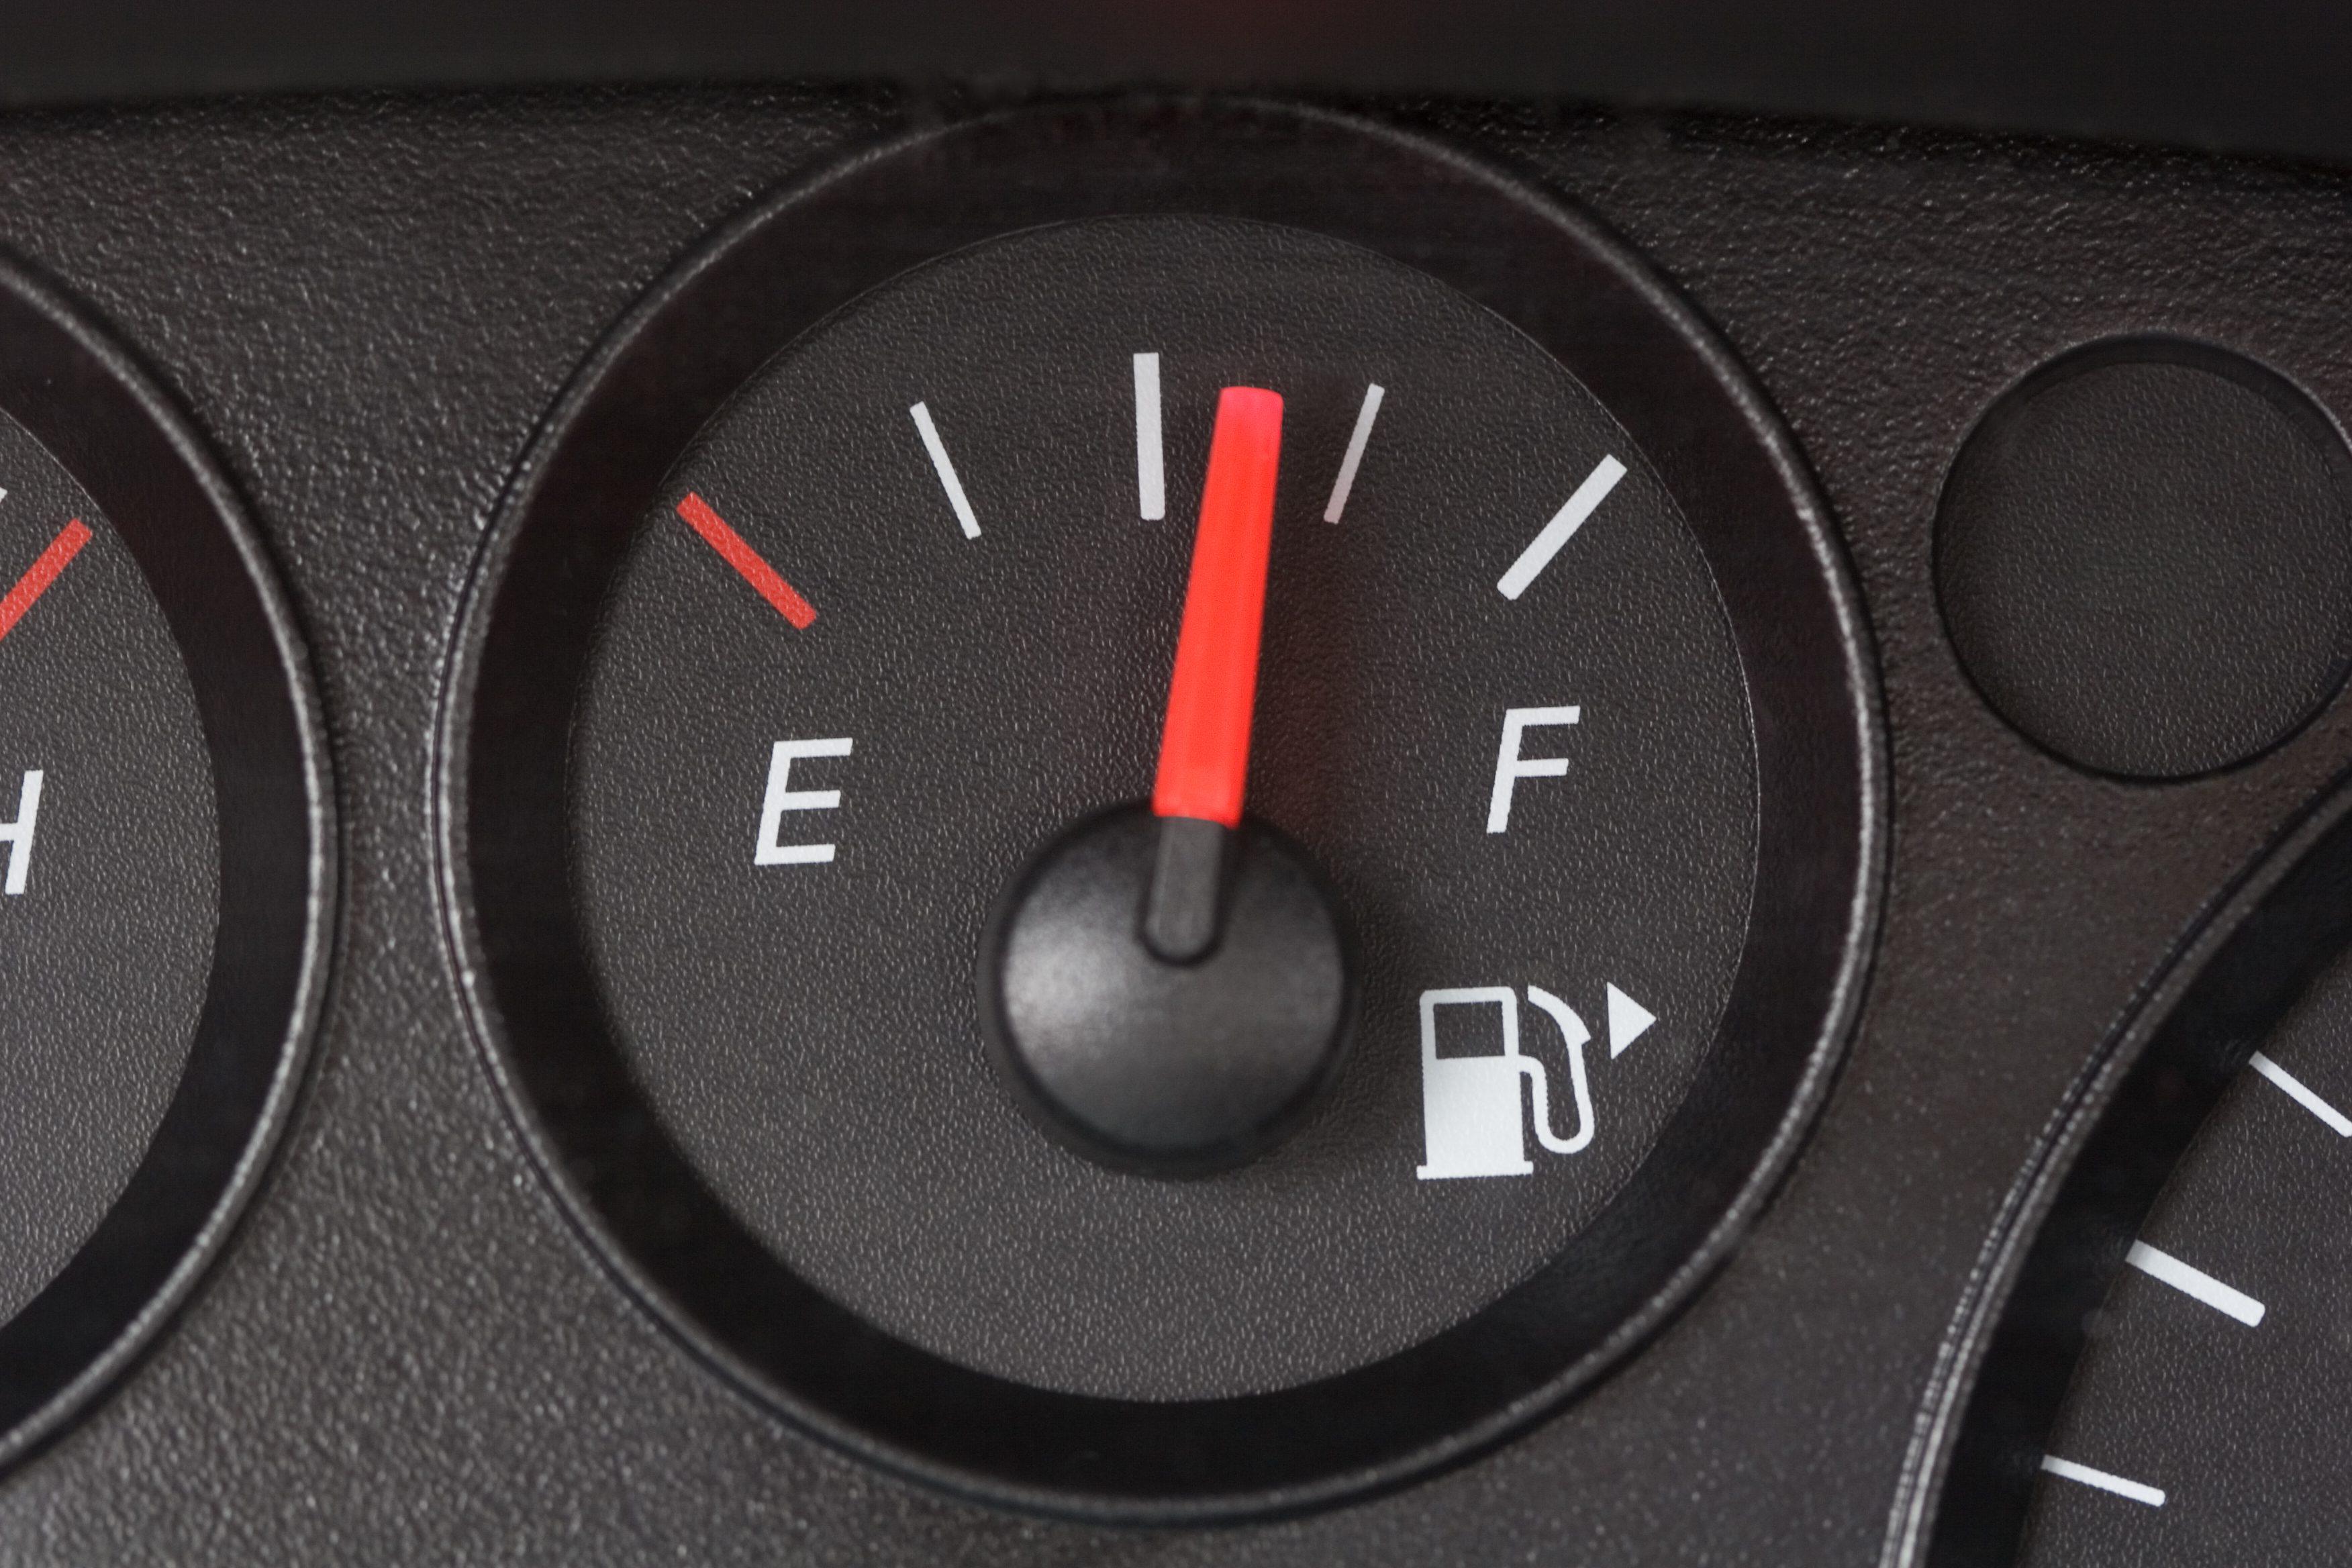 Black Fuel Gauge with Red Marker Over Half Full